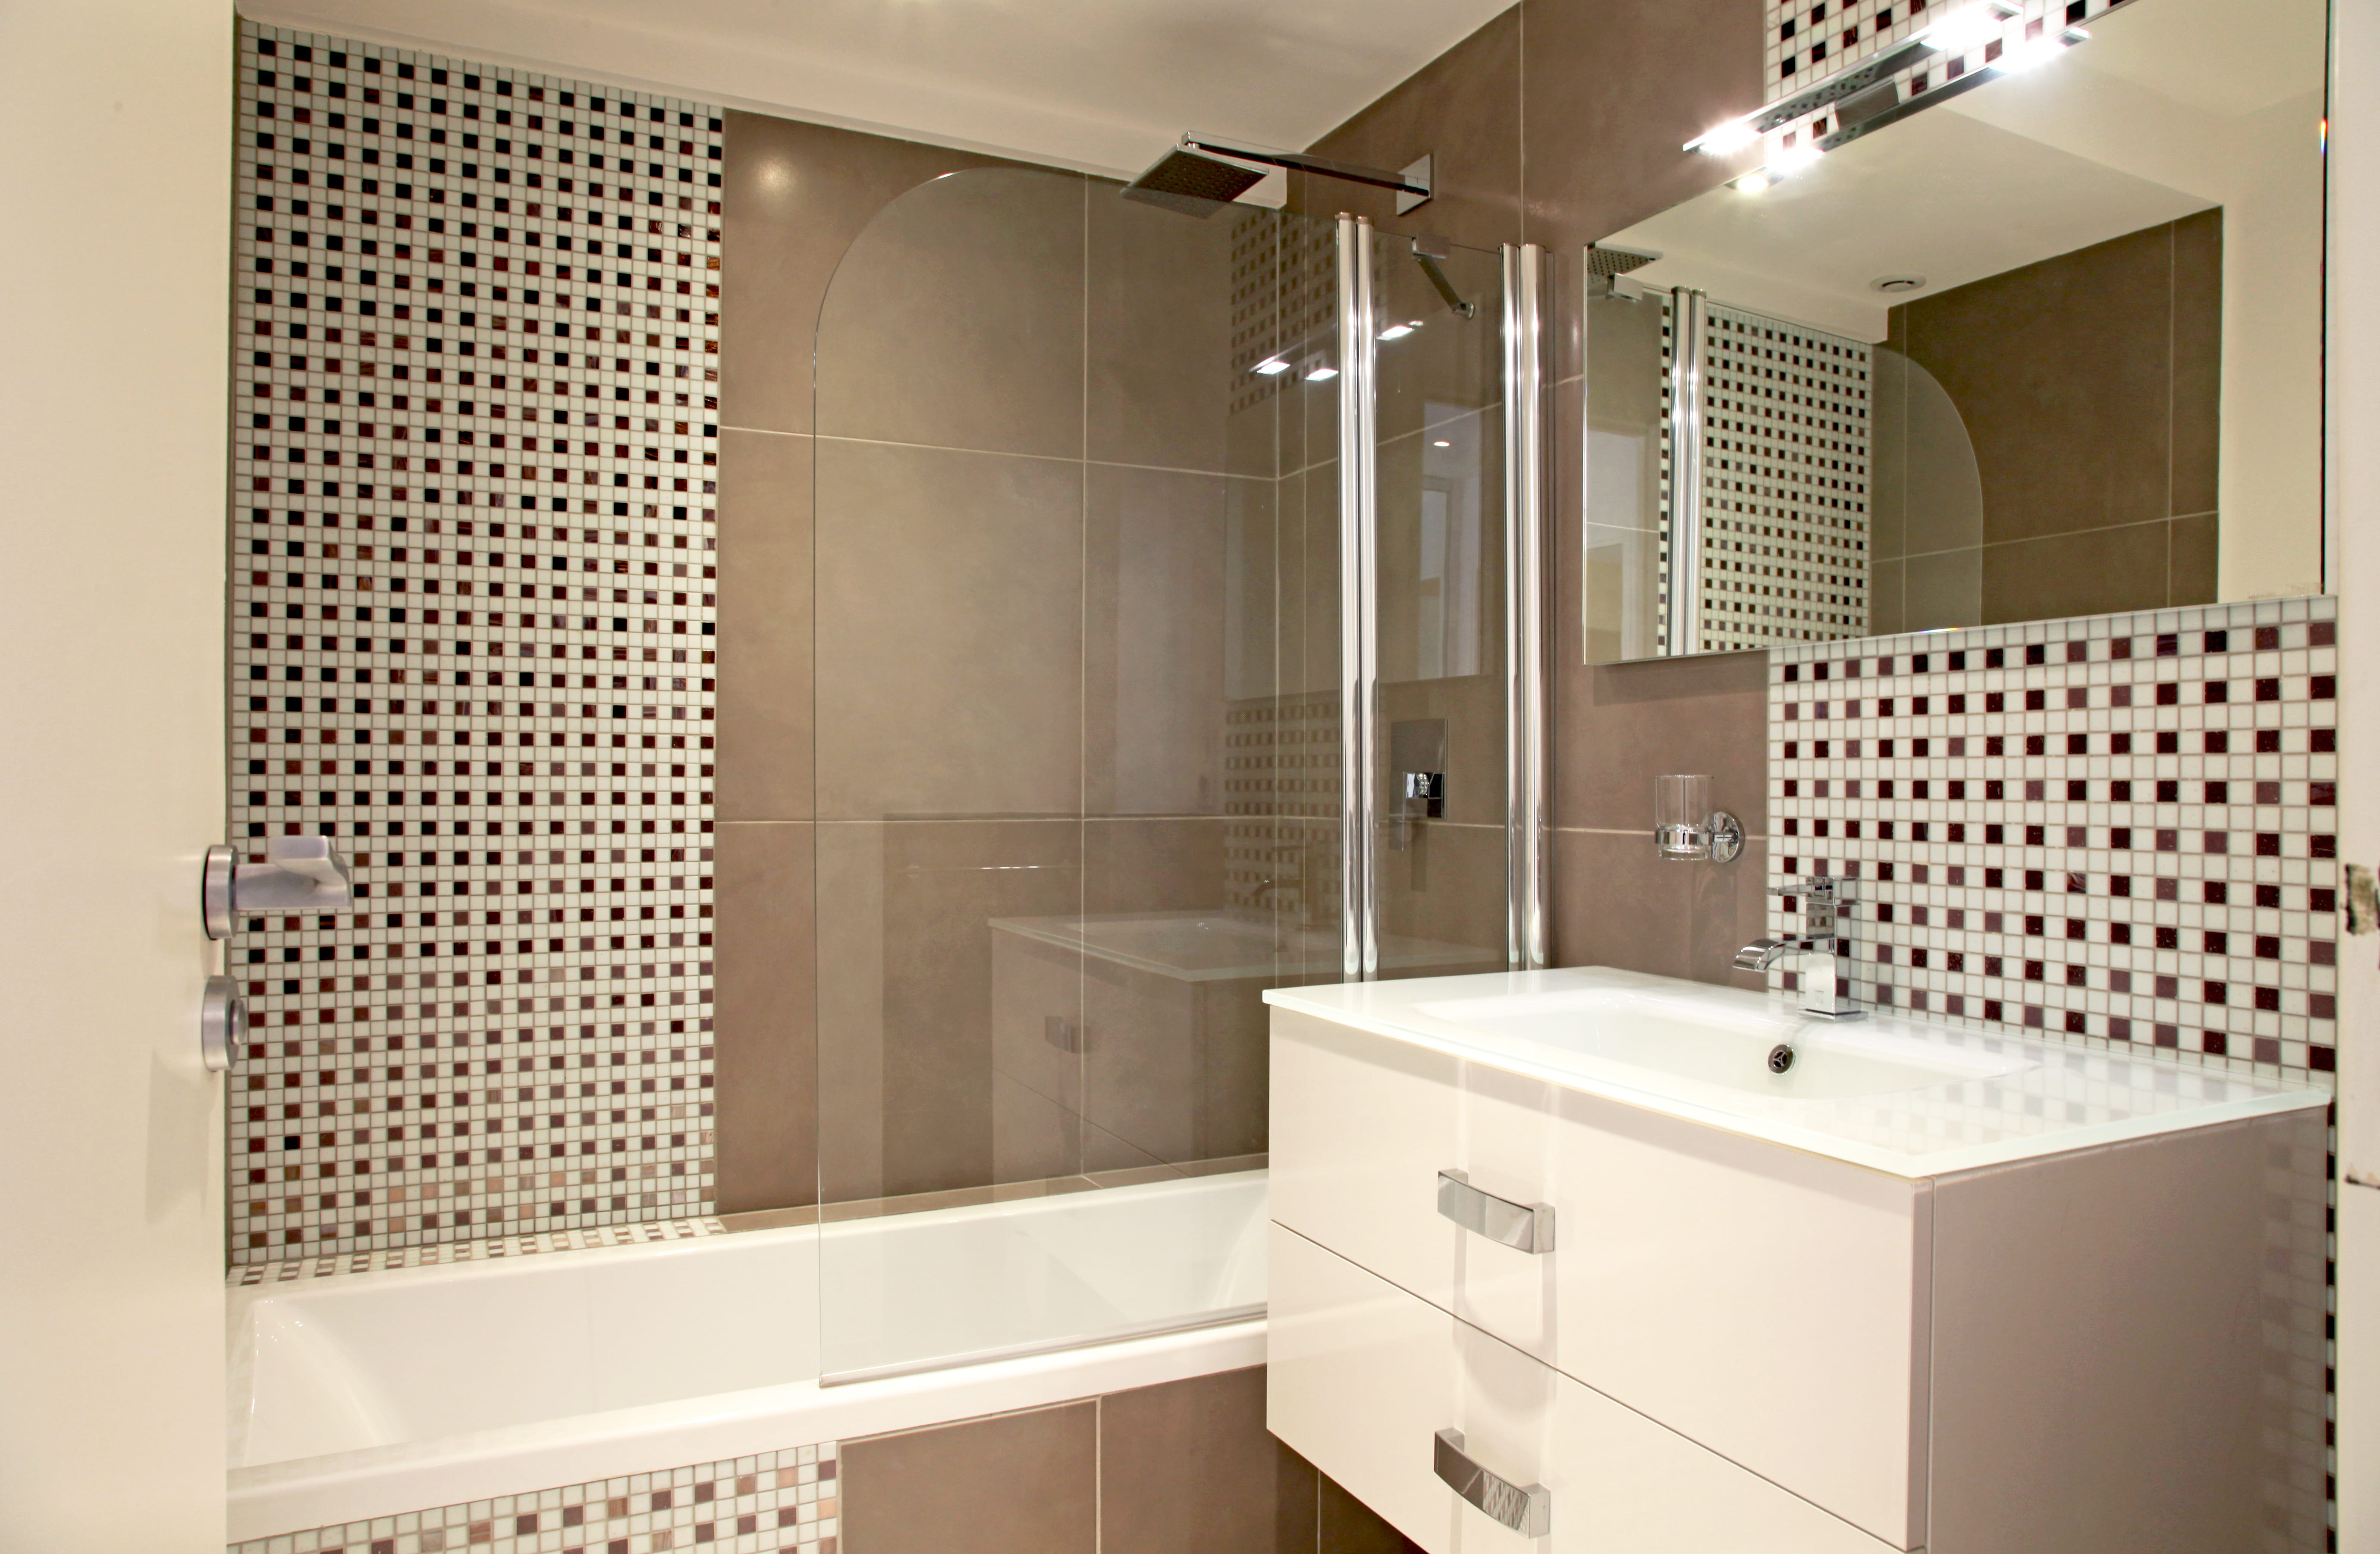 Petite salle de bains contemporaine : Salle de bains ...